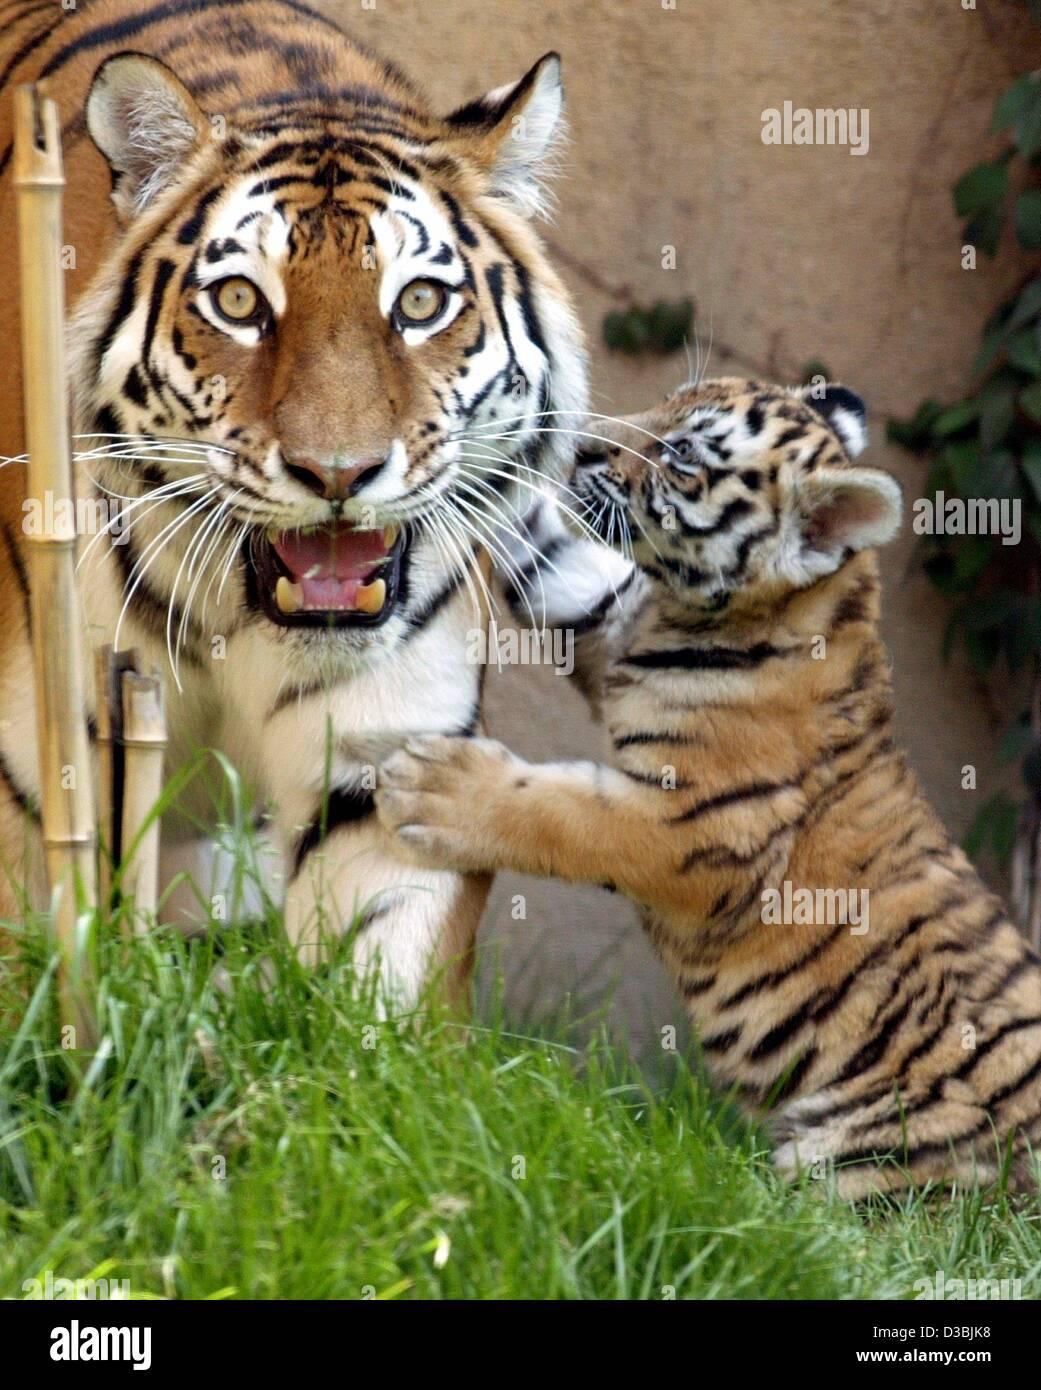 (Dpa) - das sibirische Tiger-Baby mit seiner Mutter im Zoo in Hannover, Deutschland, 27. Mai 2003 spielen will. Stockbild